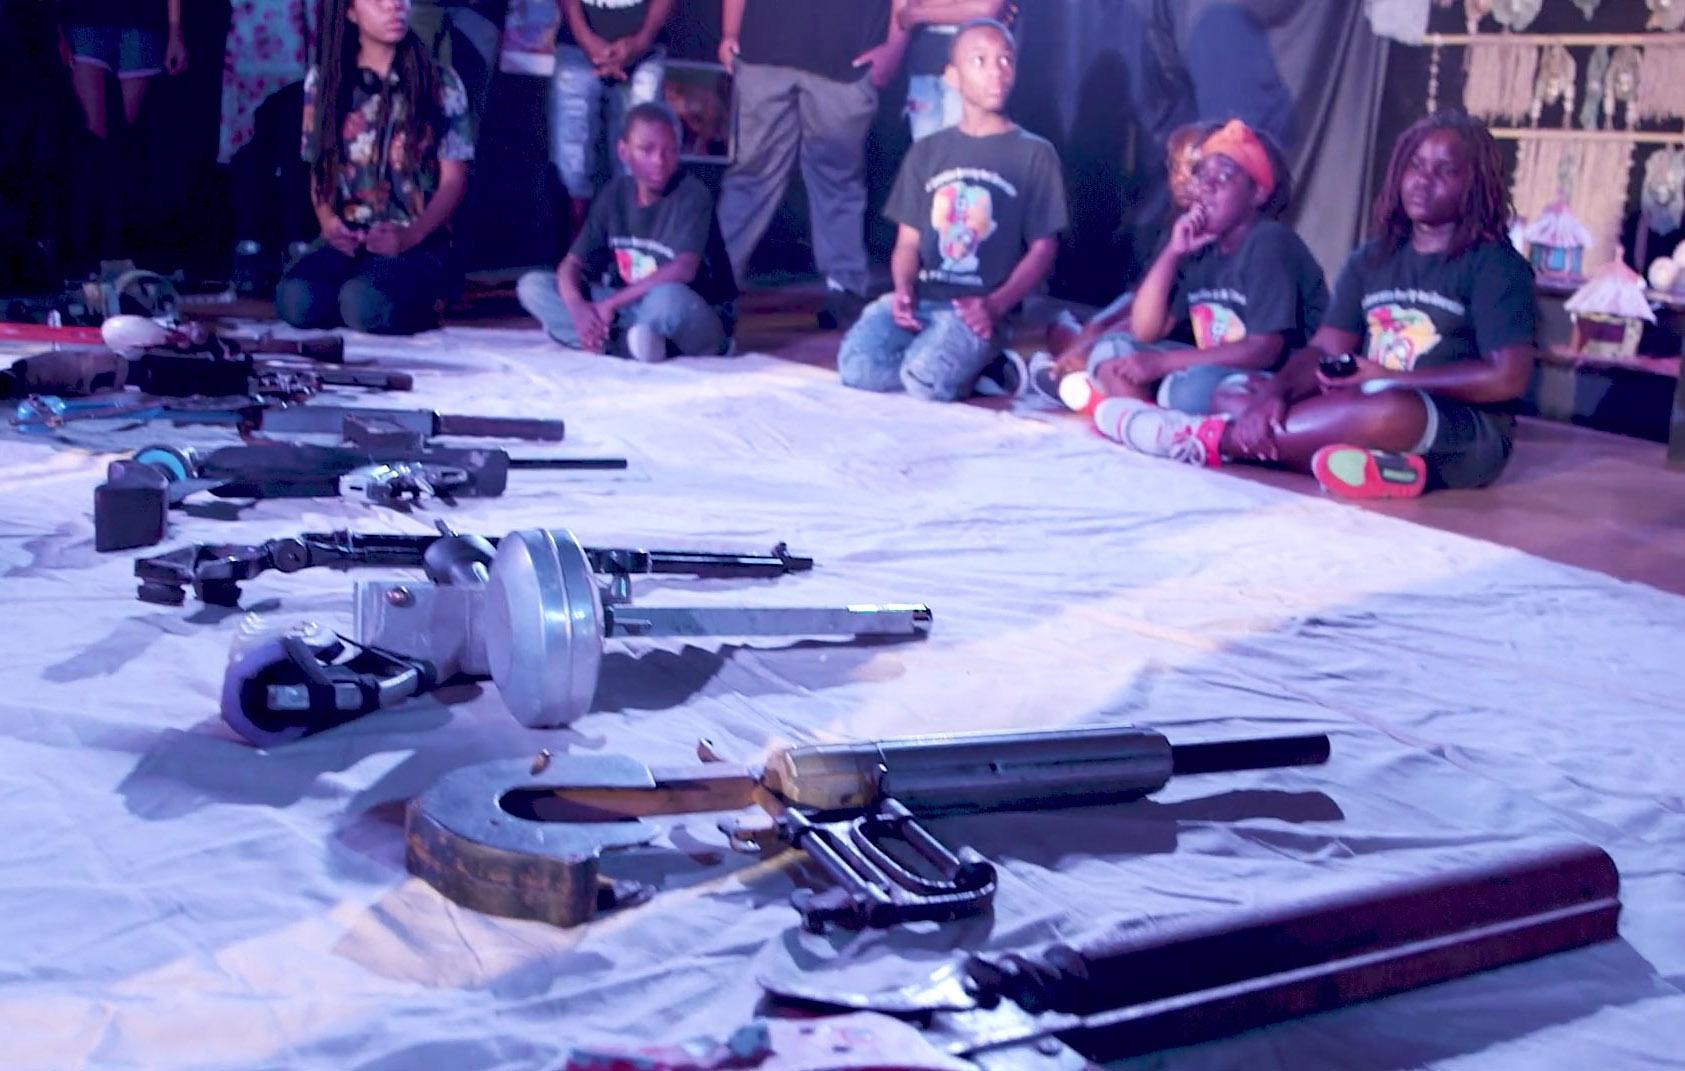 gun show guns on sheet with kids.jpg